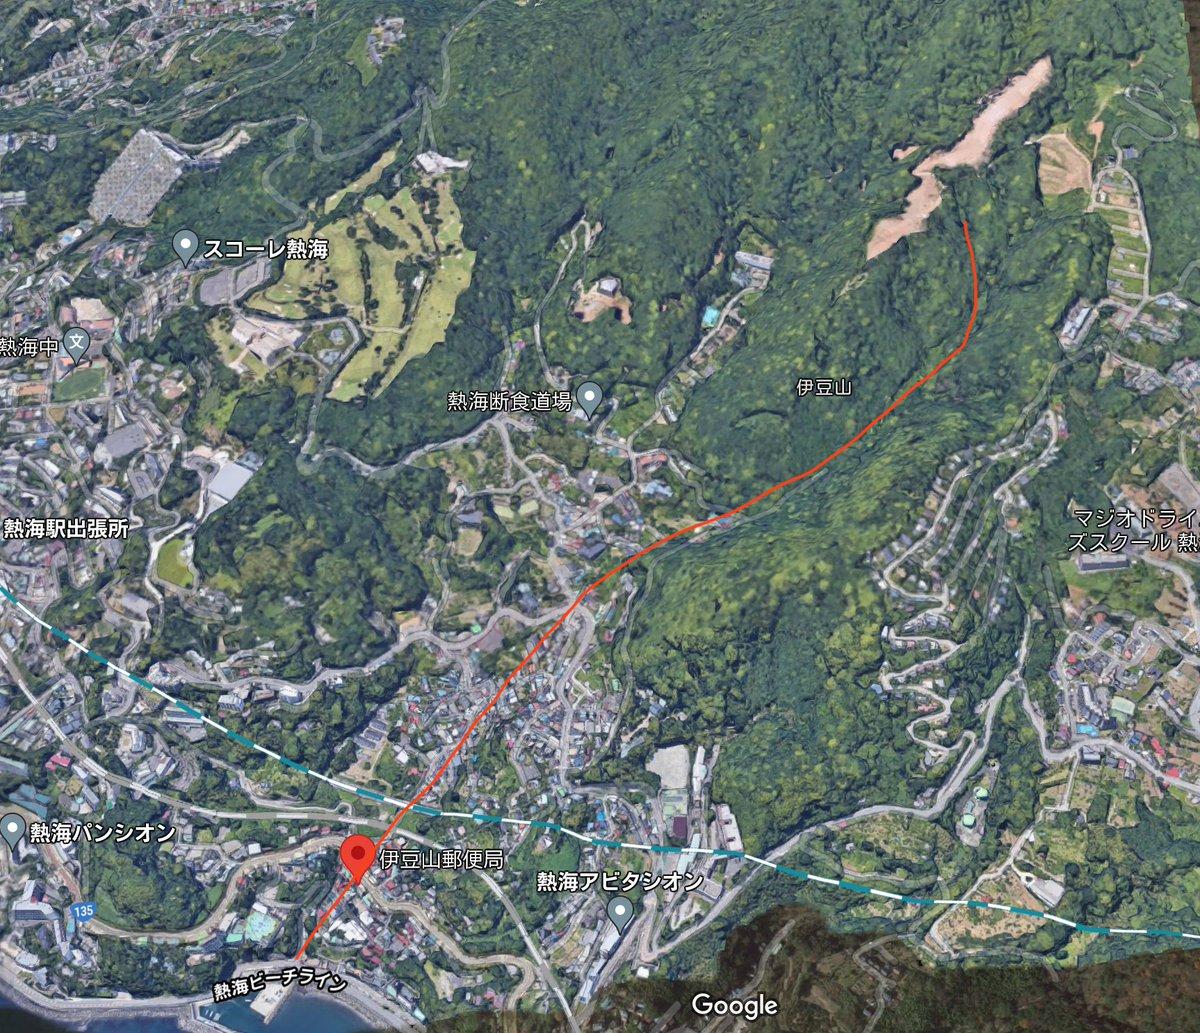 熱海の土砂崩れ(土石流っぽい)の現場地形図。 赤線が推測の土石流の経路。 報道に出てた建物が見える。...